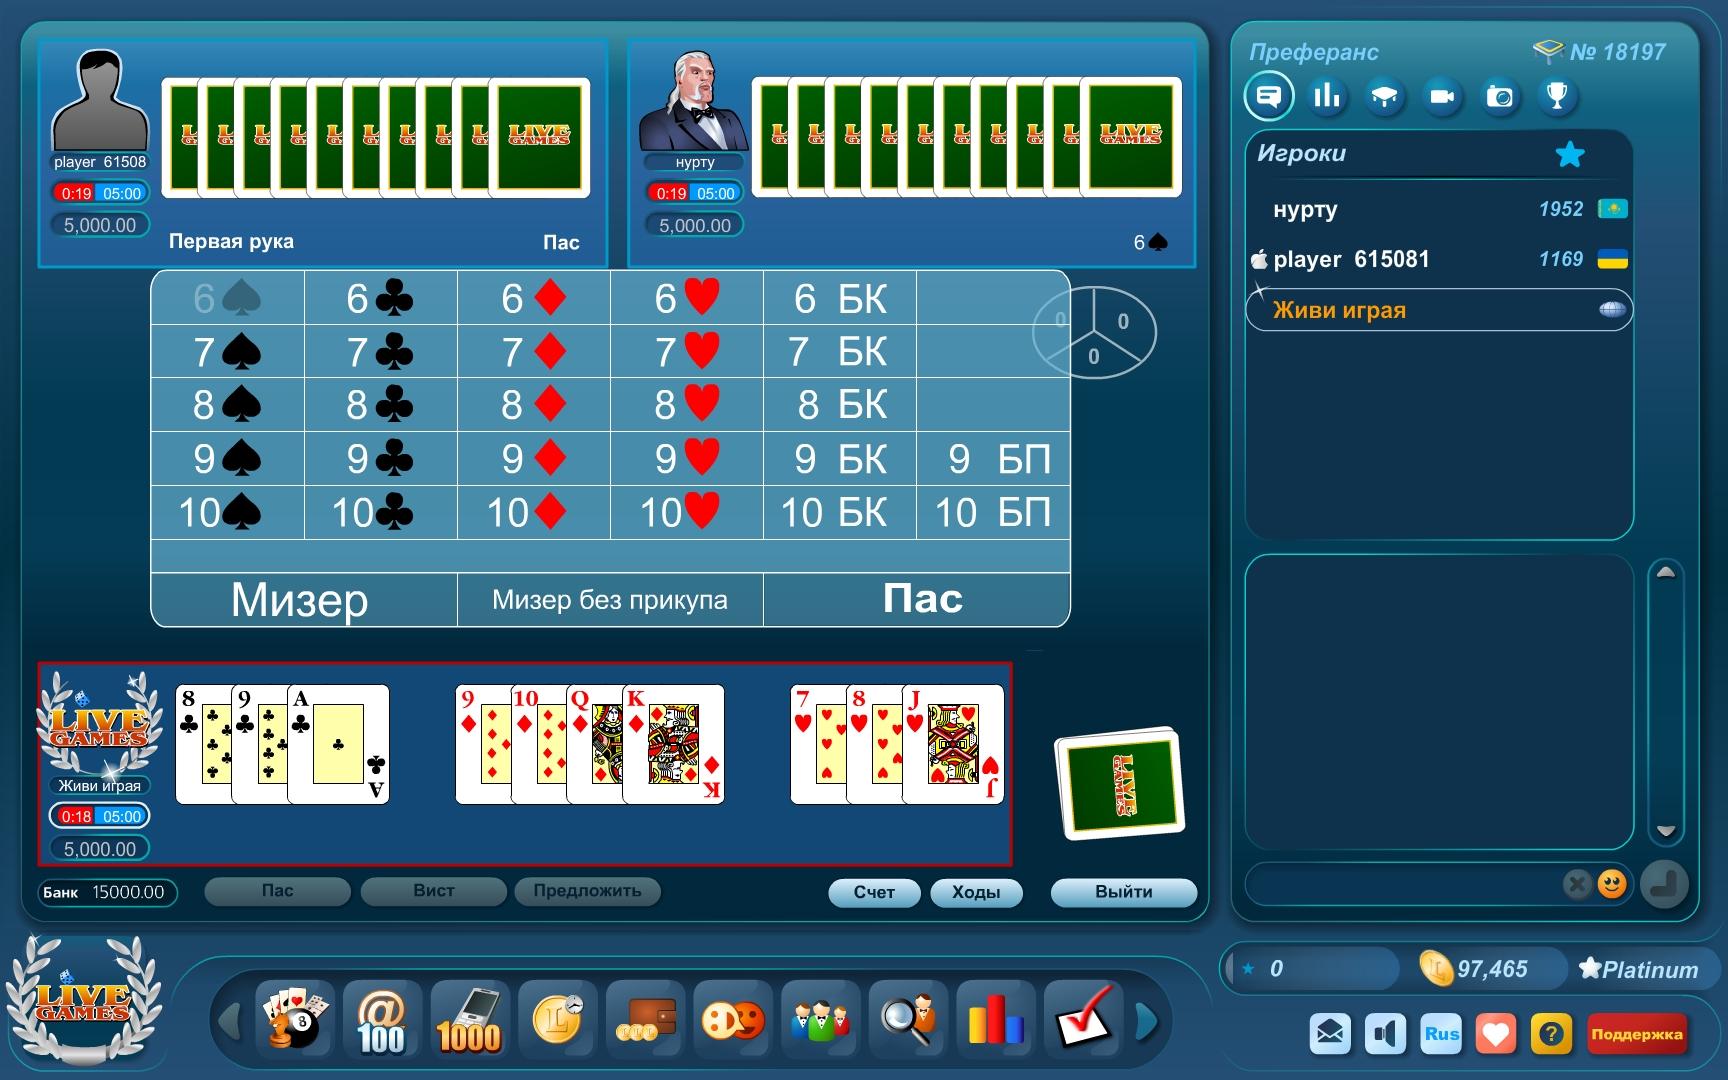 Играть карты онлайн преферанс чат рулетка русская онлайн трансляции